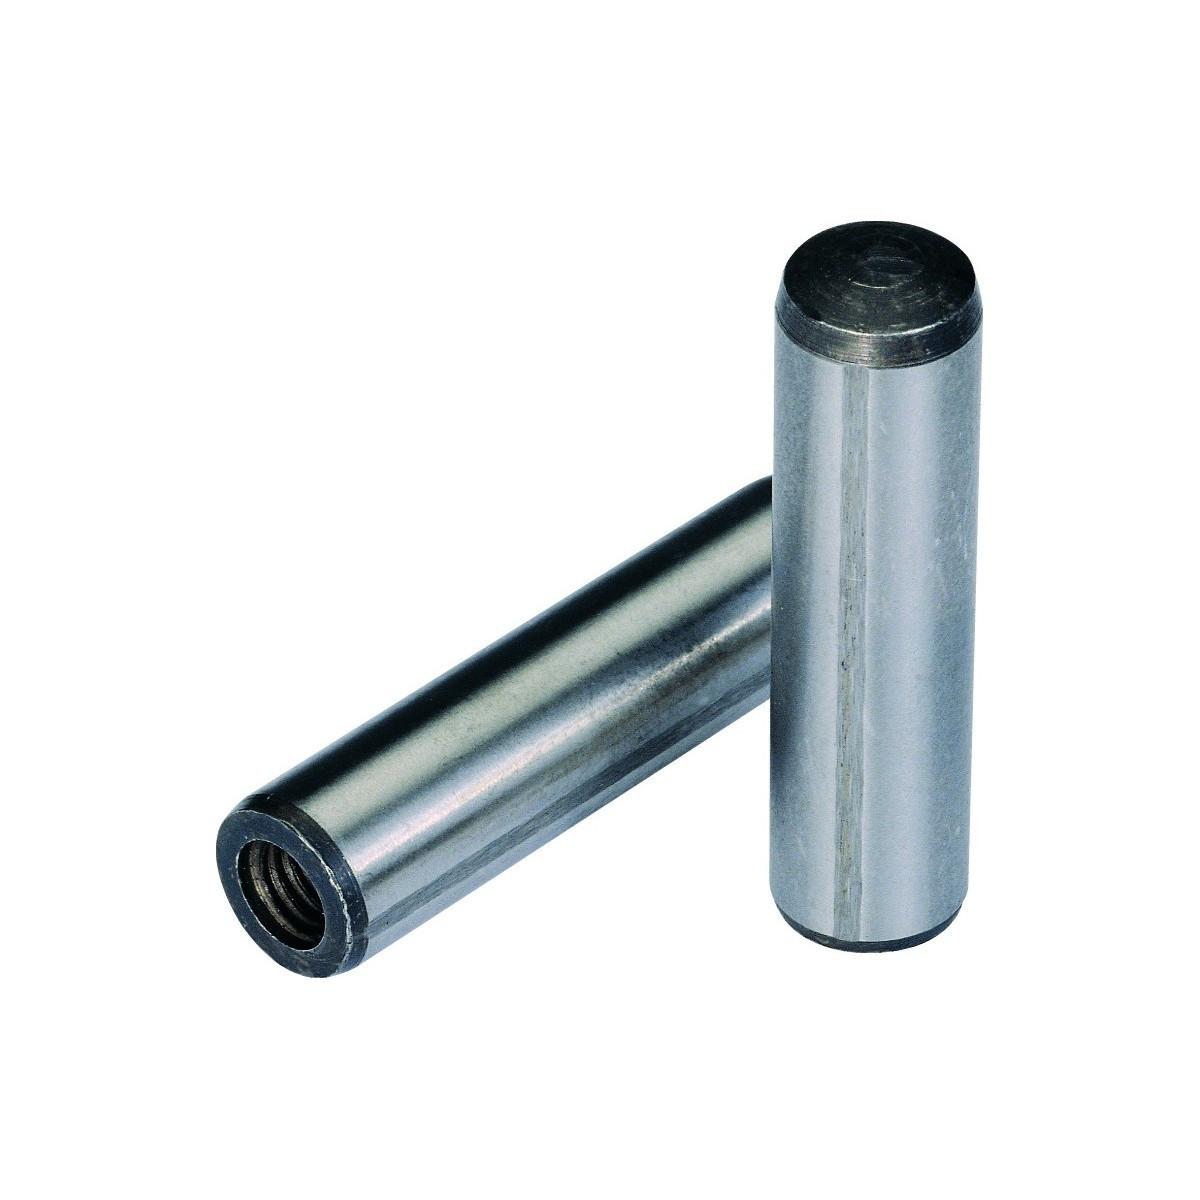 Штифт циліндричний MMG DIN 7979D M16 х 100 Клас 10.9 (Фосфат) 1 шт